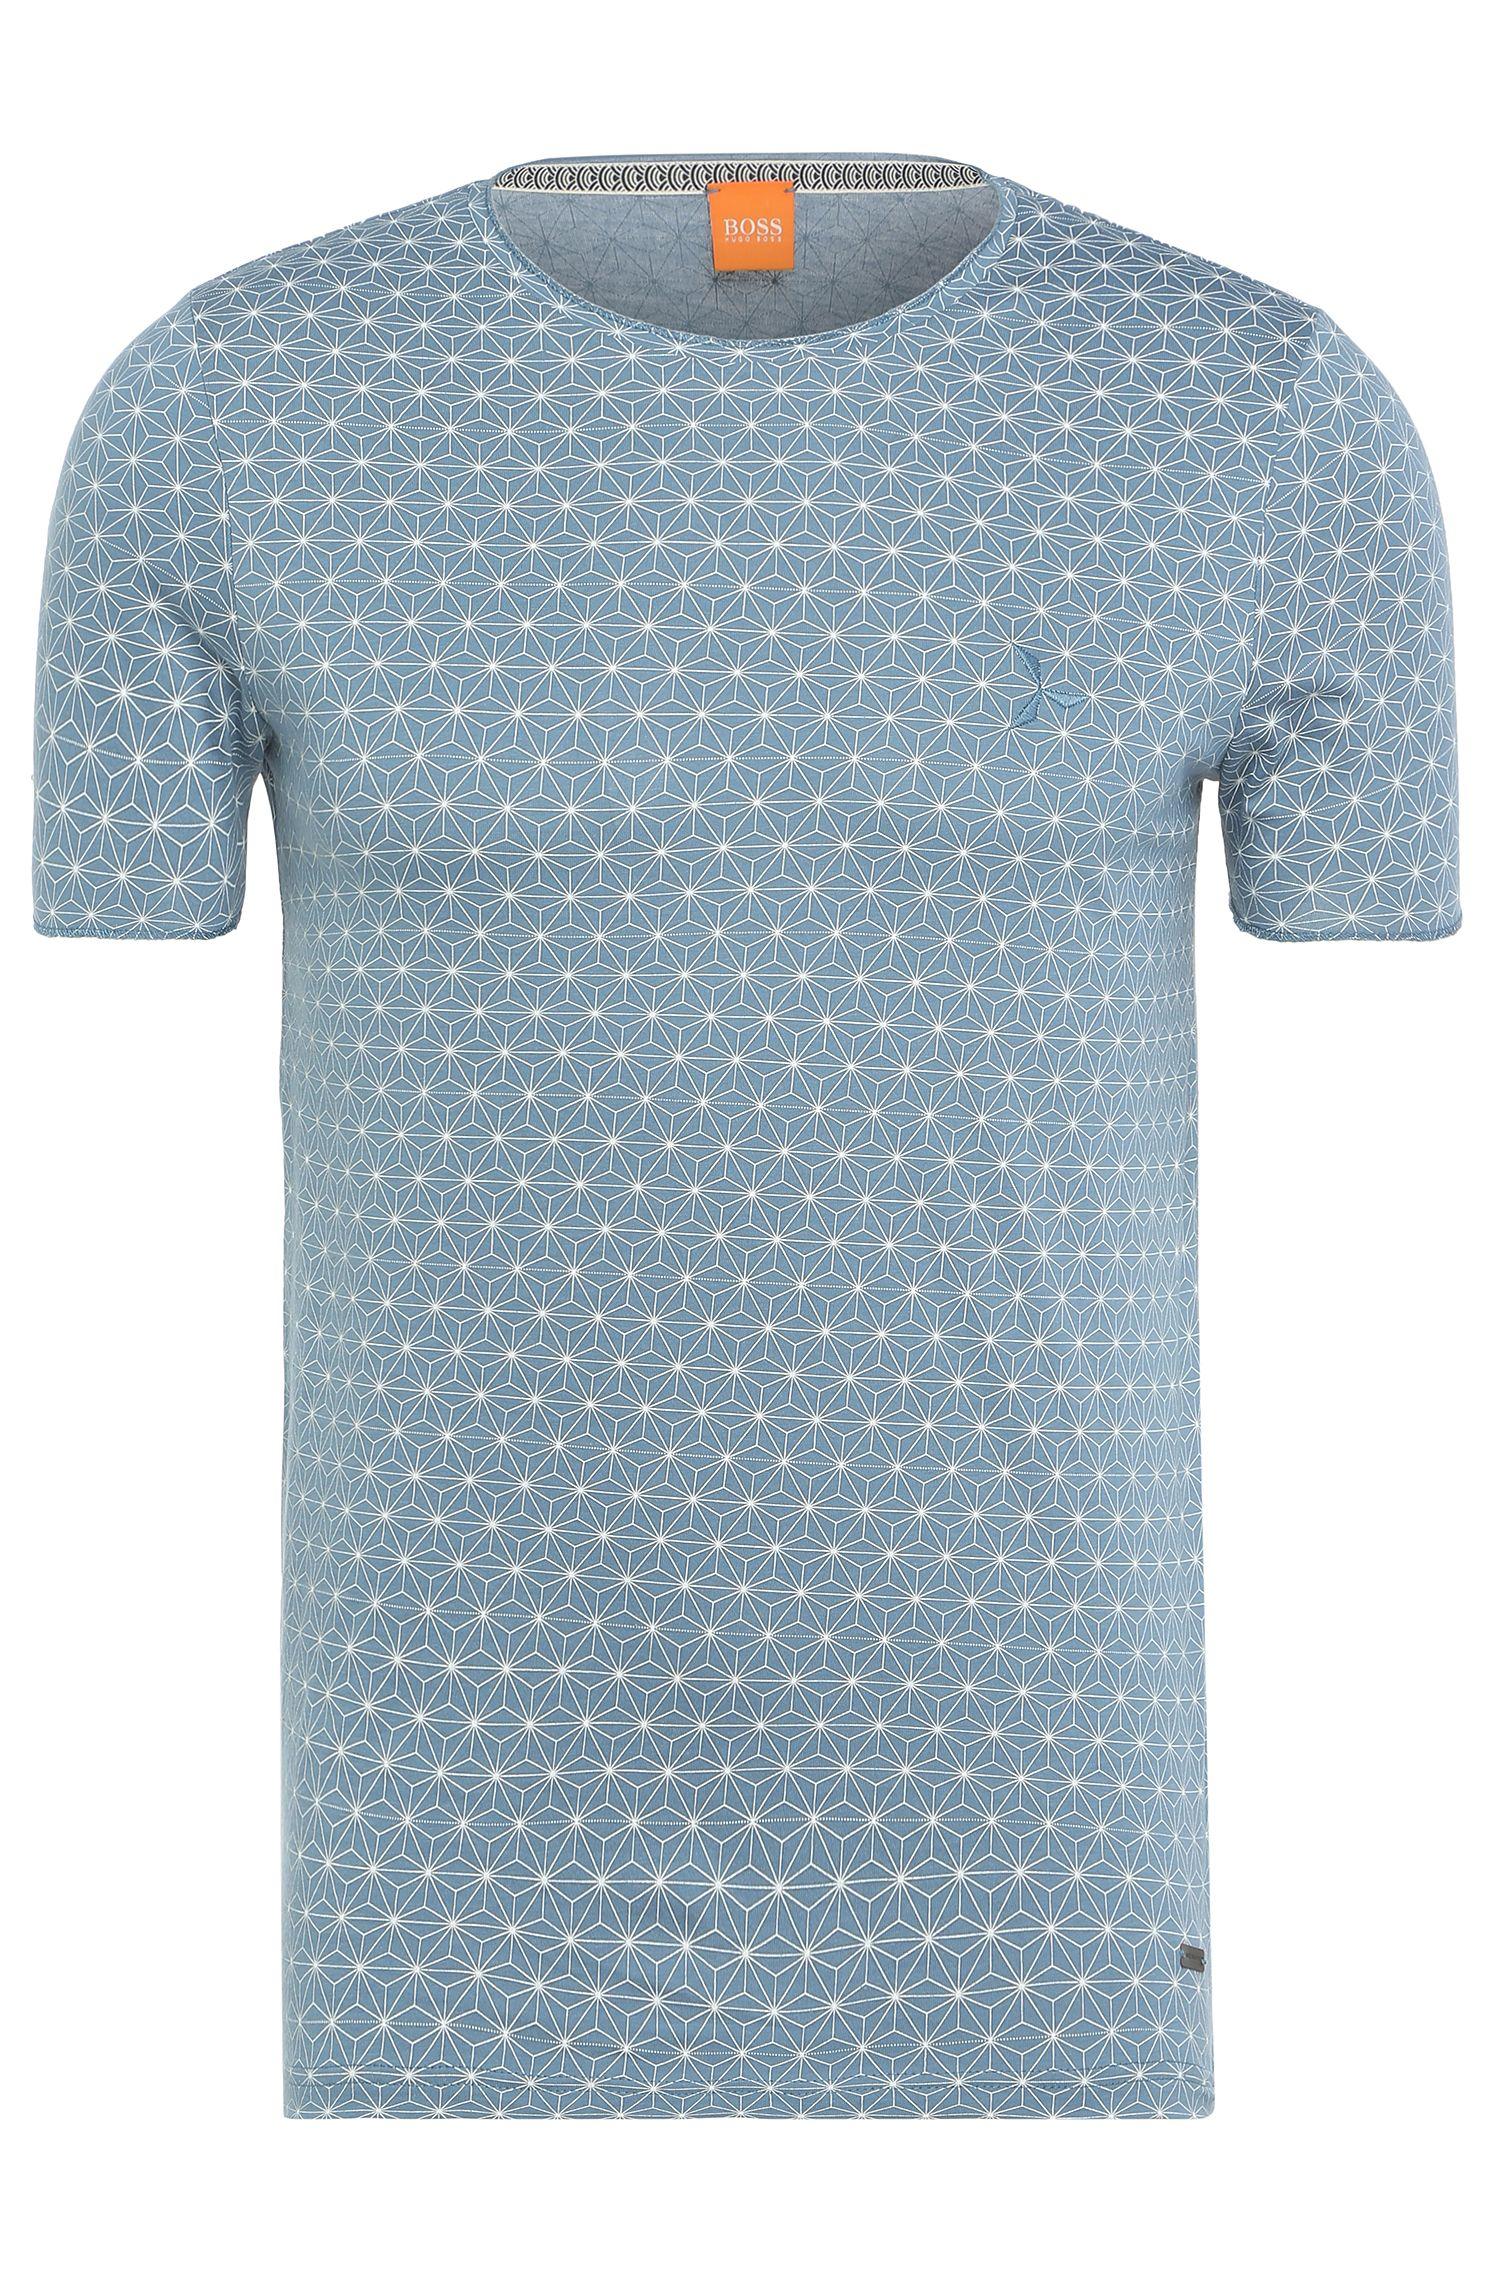 Katoenen shirt met sterrendessin: 'Tylon'